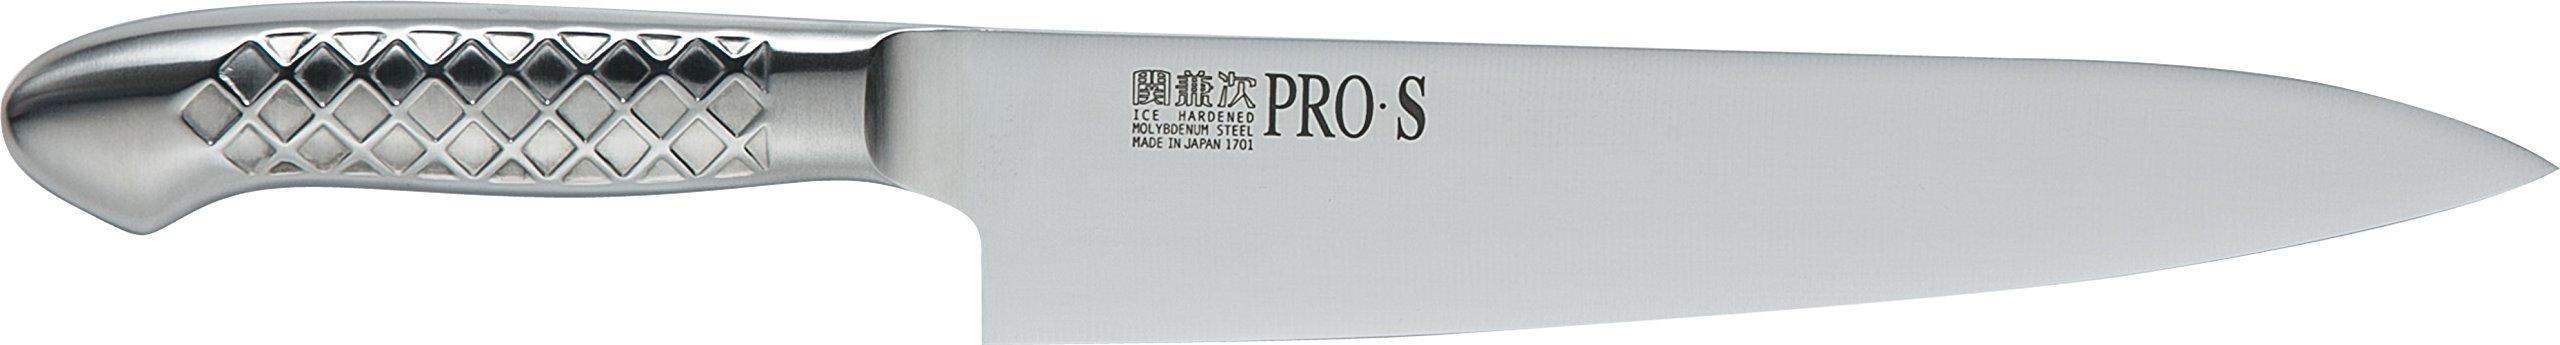 関兼次 Seki Kenji Hamono Japanese Knife Kitchen Knife PRO Molybdenum Steel Stainless Steel Made in Japan (Beef Sword 210mm, PRO · S)